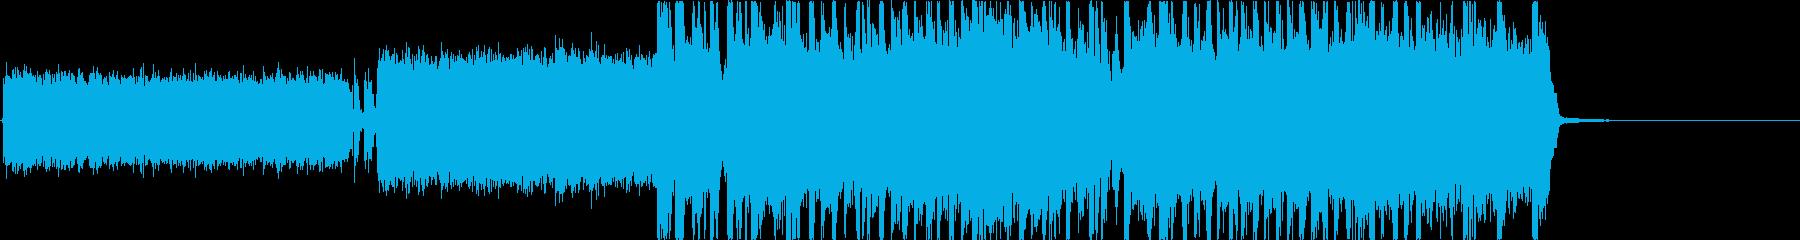 ヘビーメタル、ハードロック、リフ2の再生済みの波形